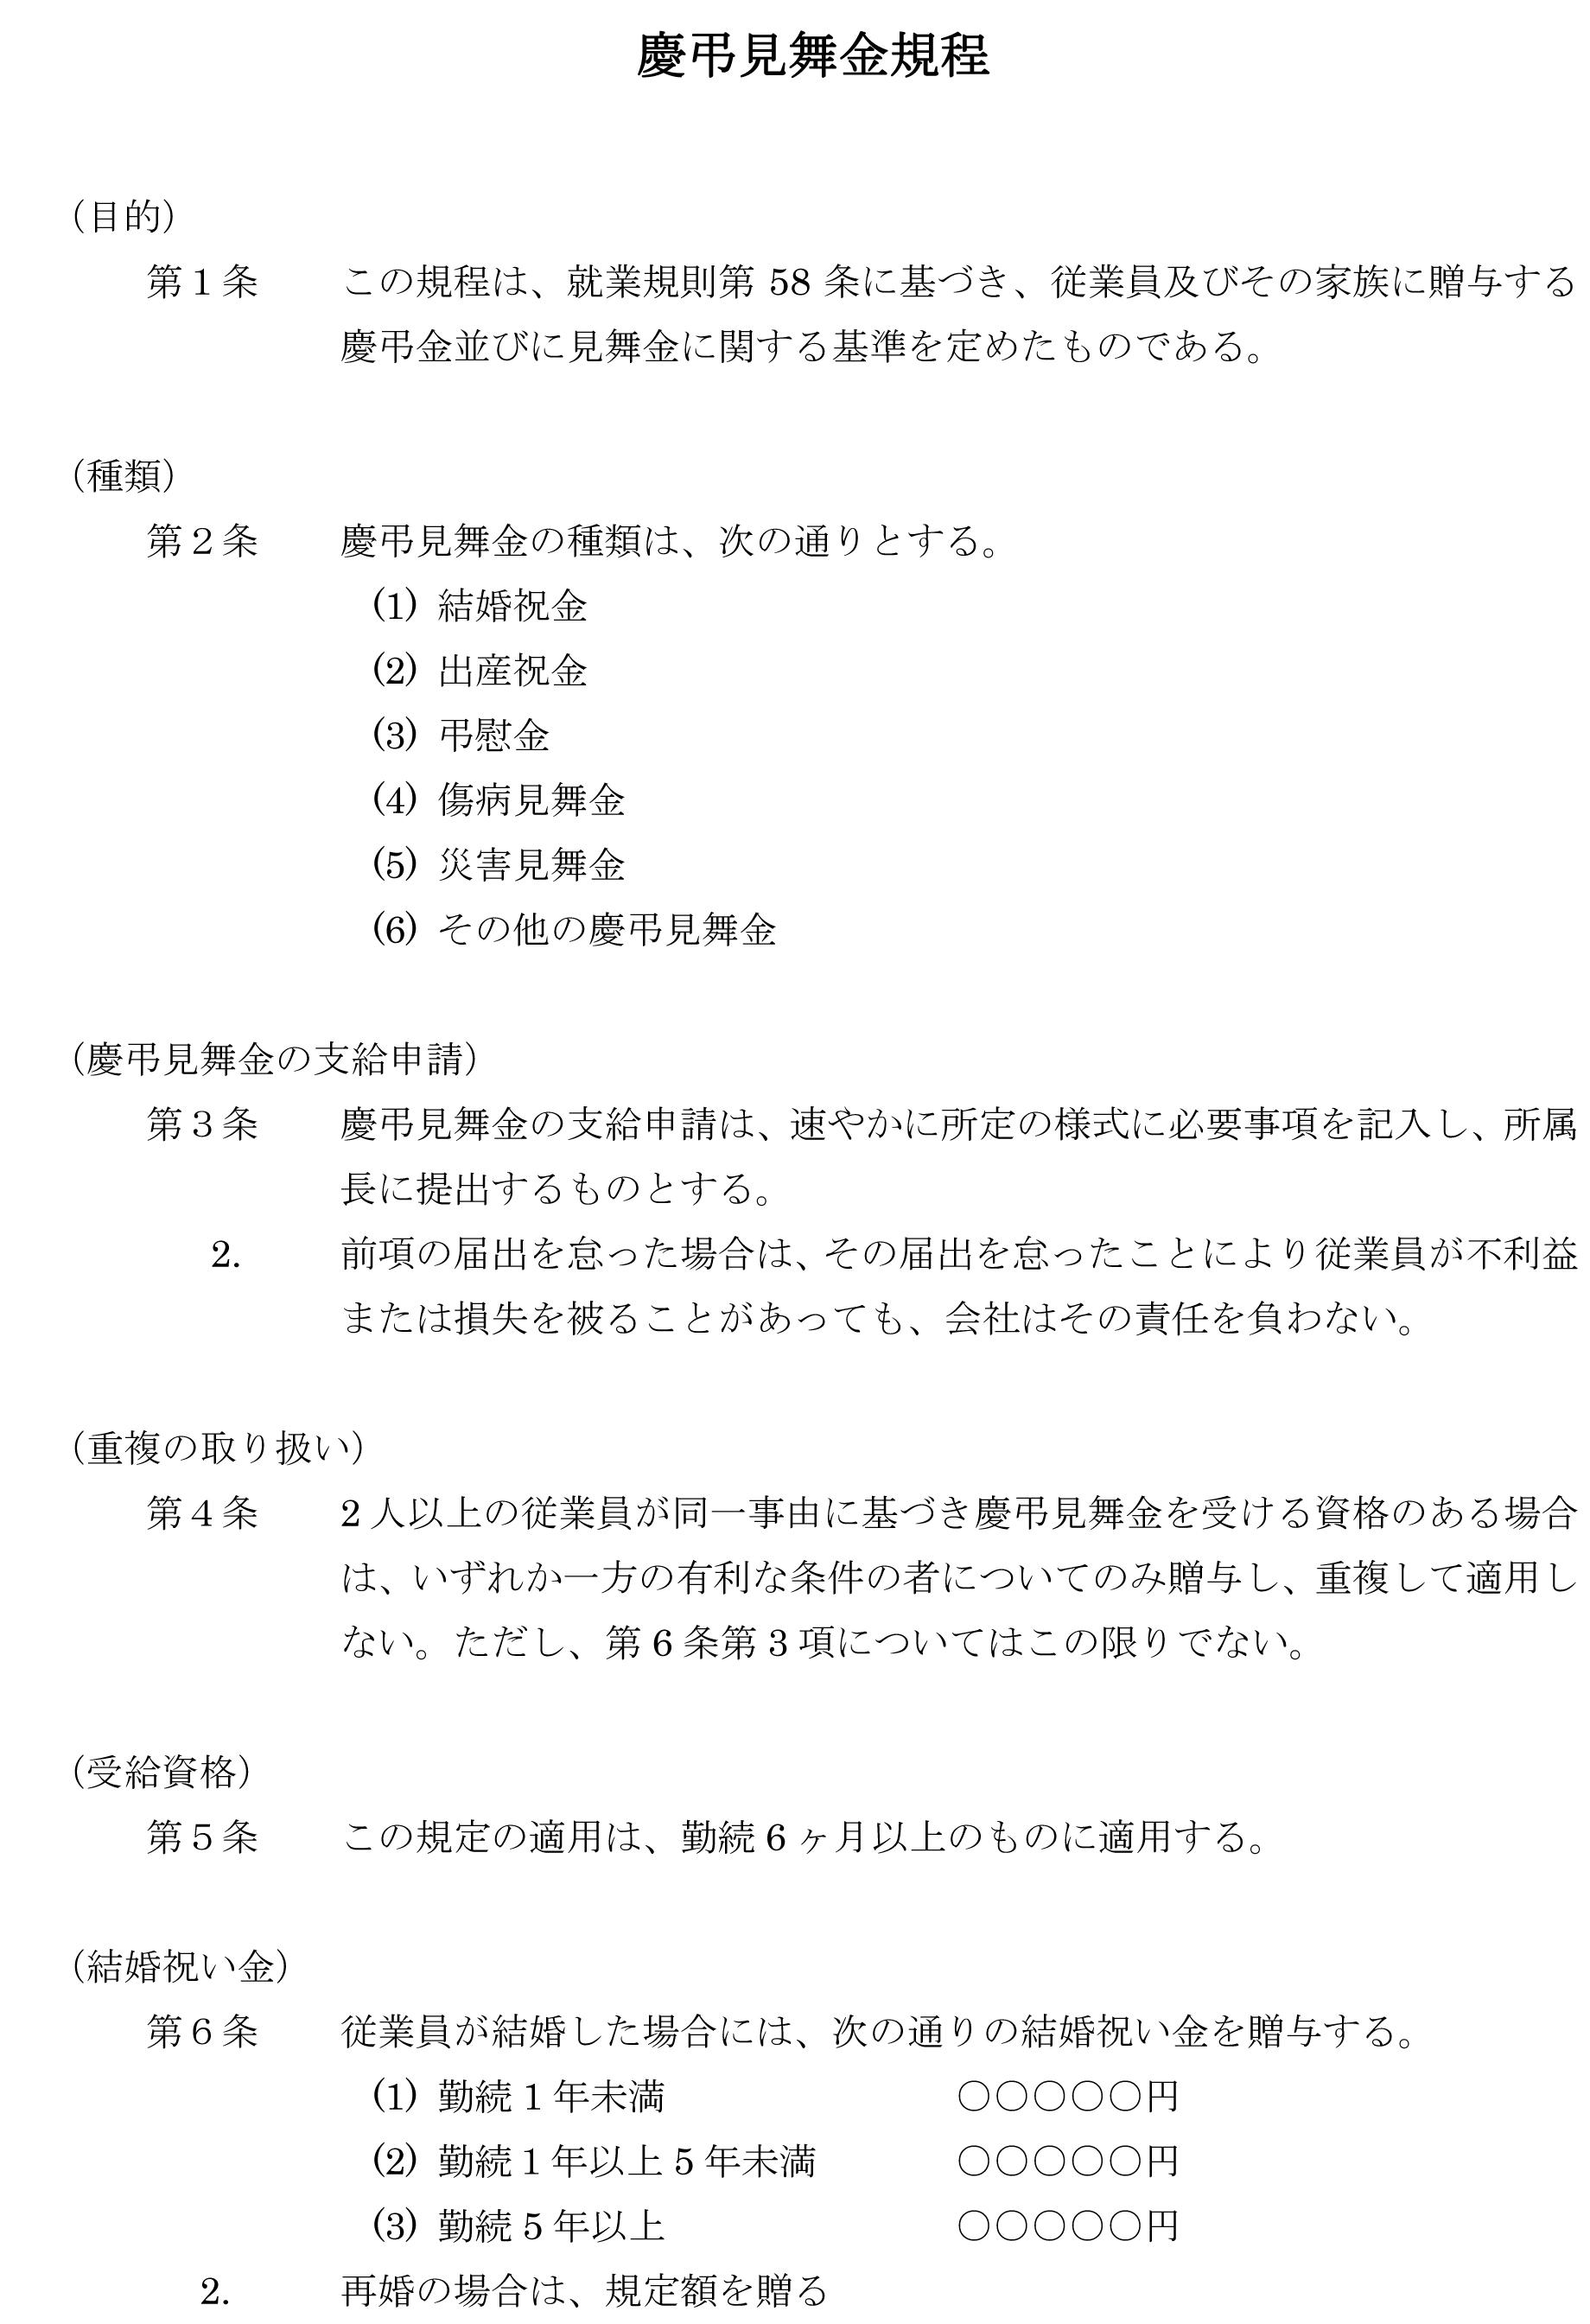 慶弔見舞金規程01